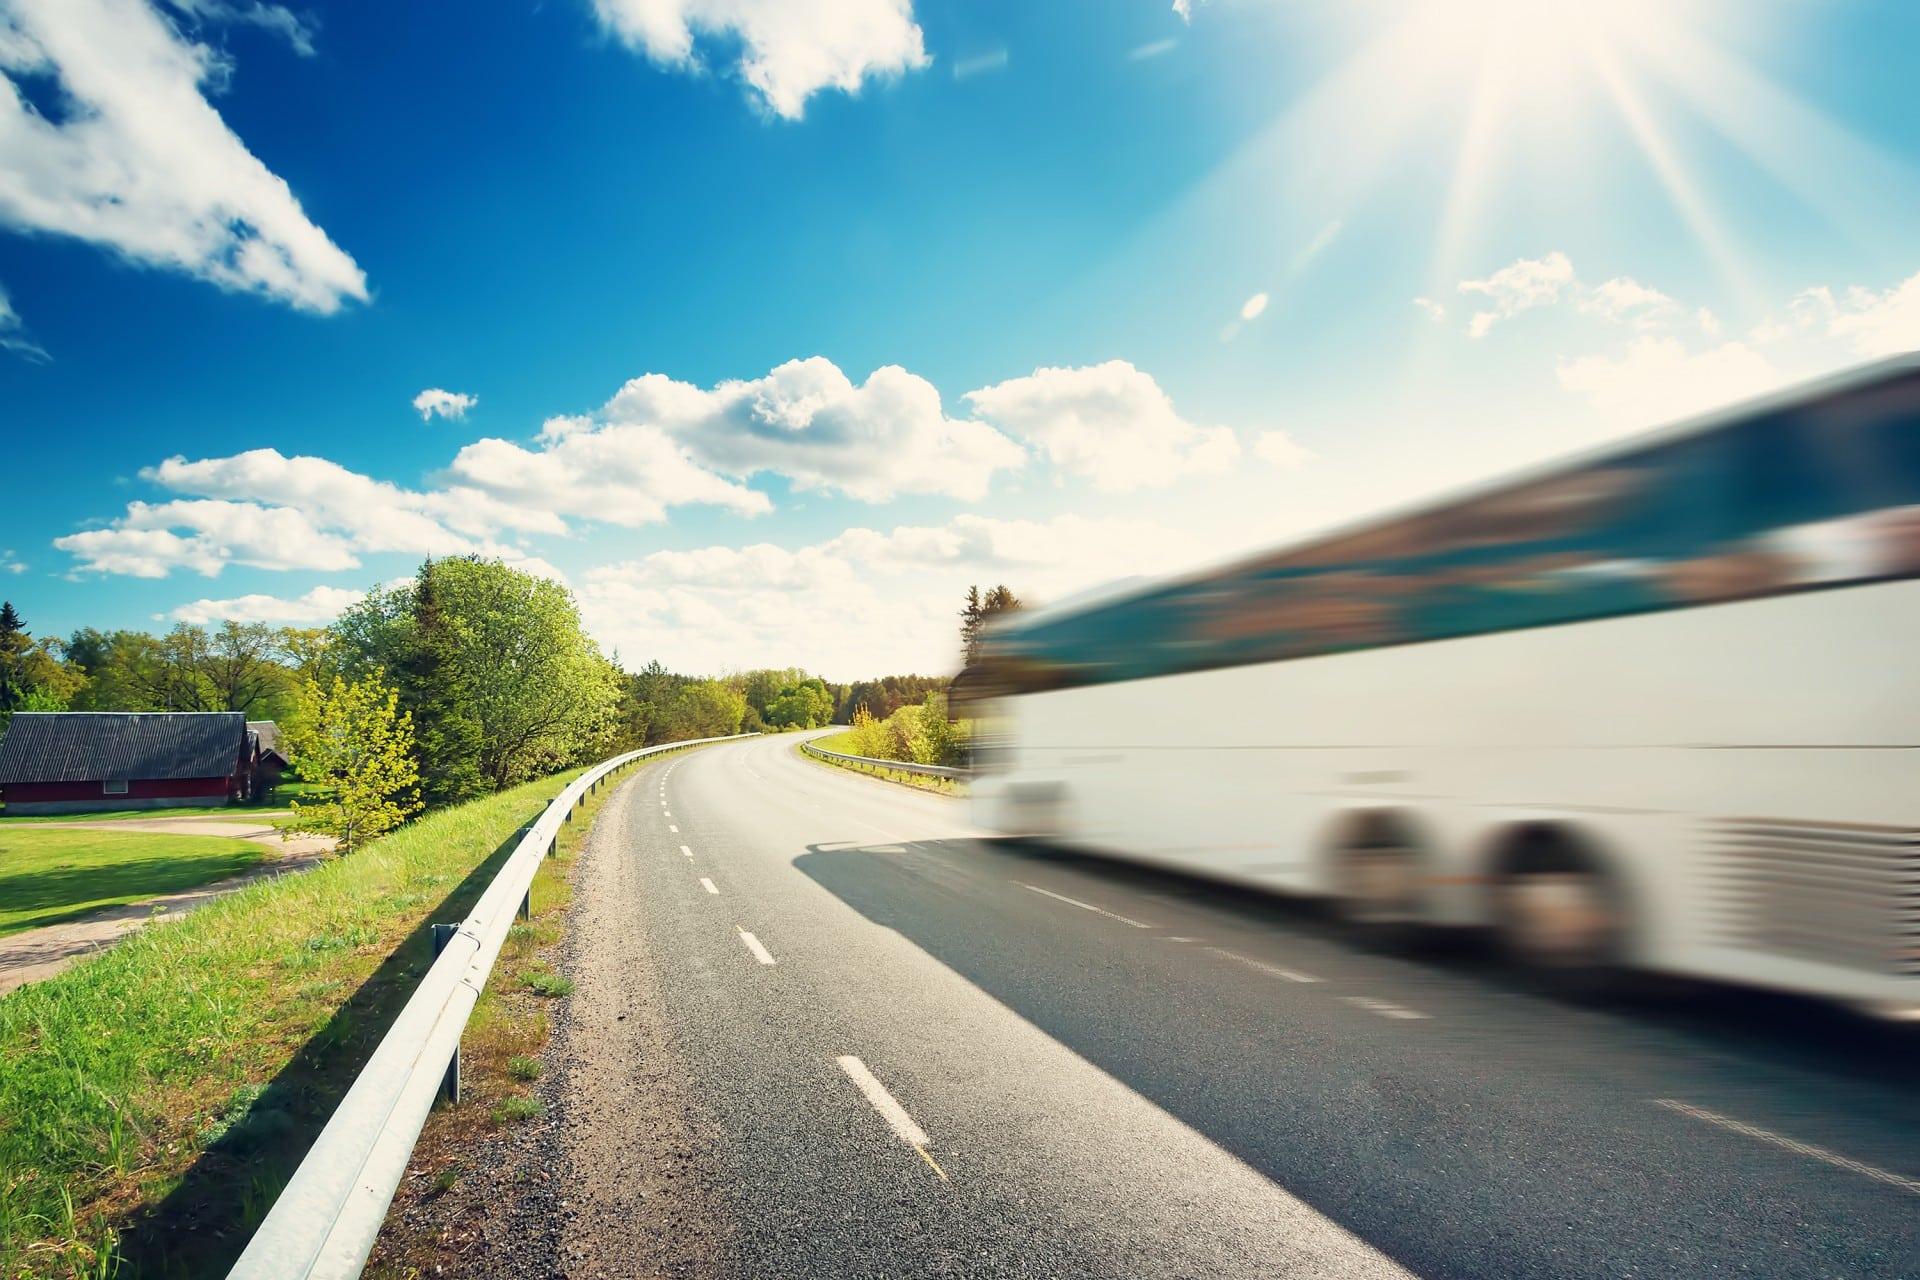 http://llustration%20du%20permis%20de%20conduire%20D,%20montrant%20un%20bus%20roulant%20sur%20l'autoroute